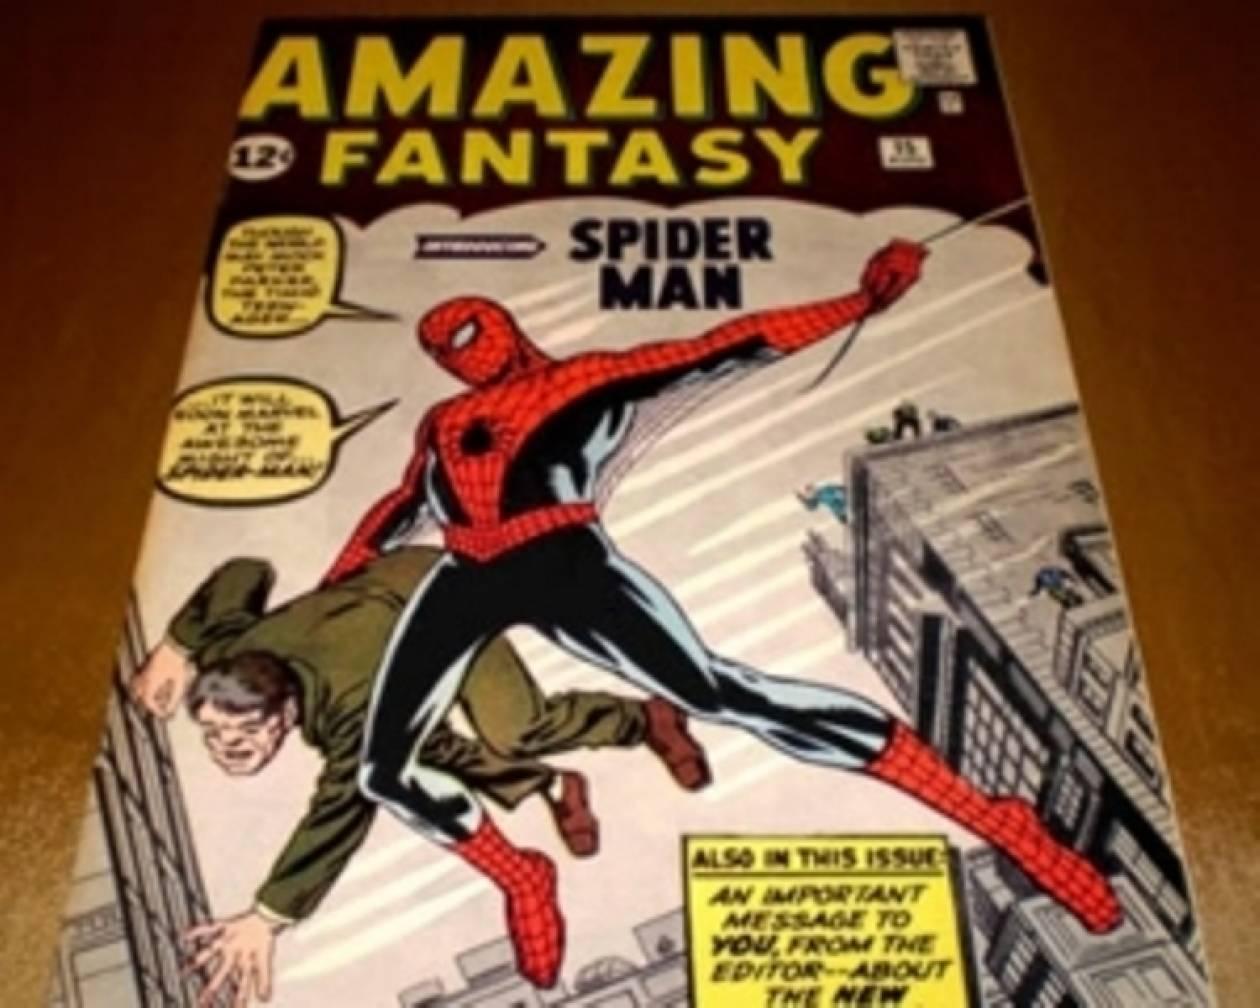 Έκλεψαν ένα από τα ακριβότερα κόμικ στον κόσμο